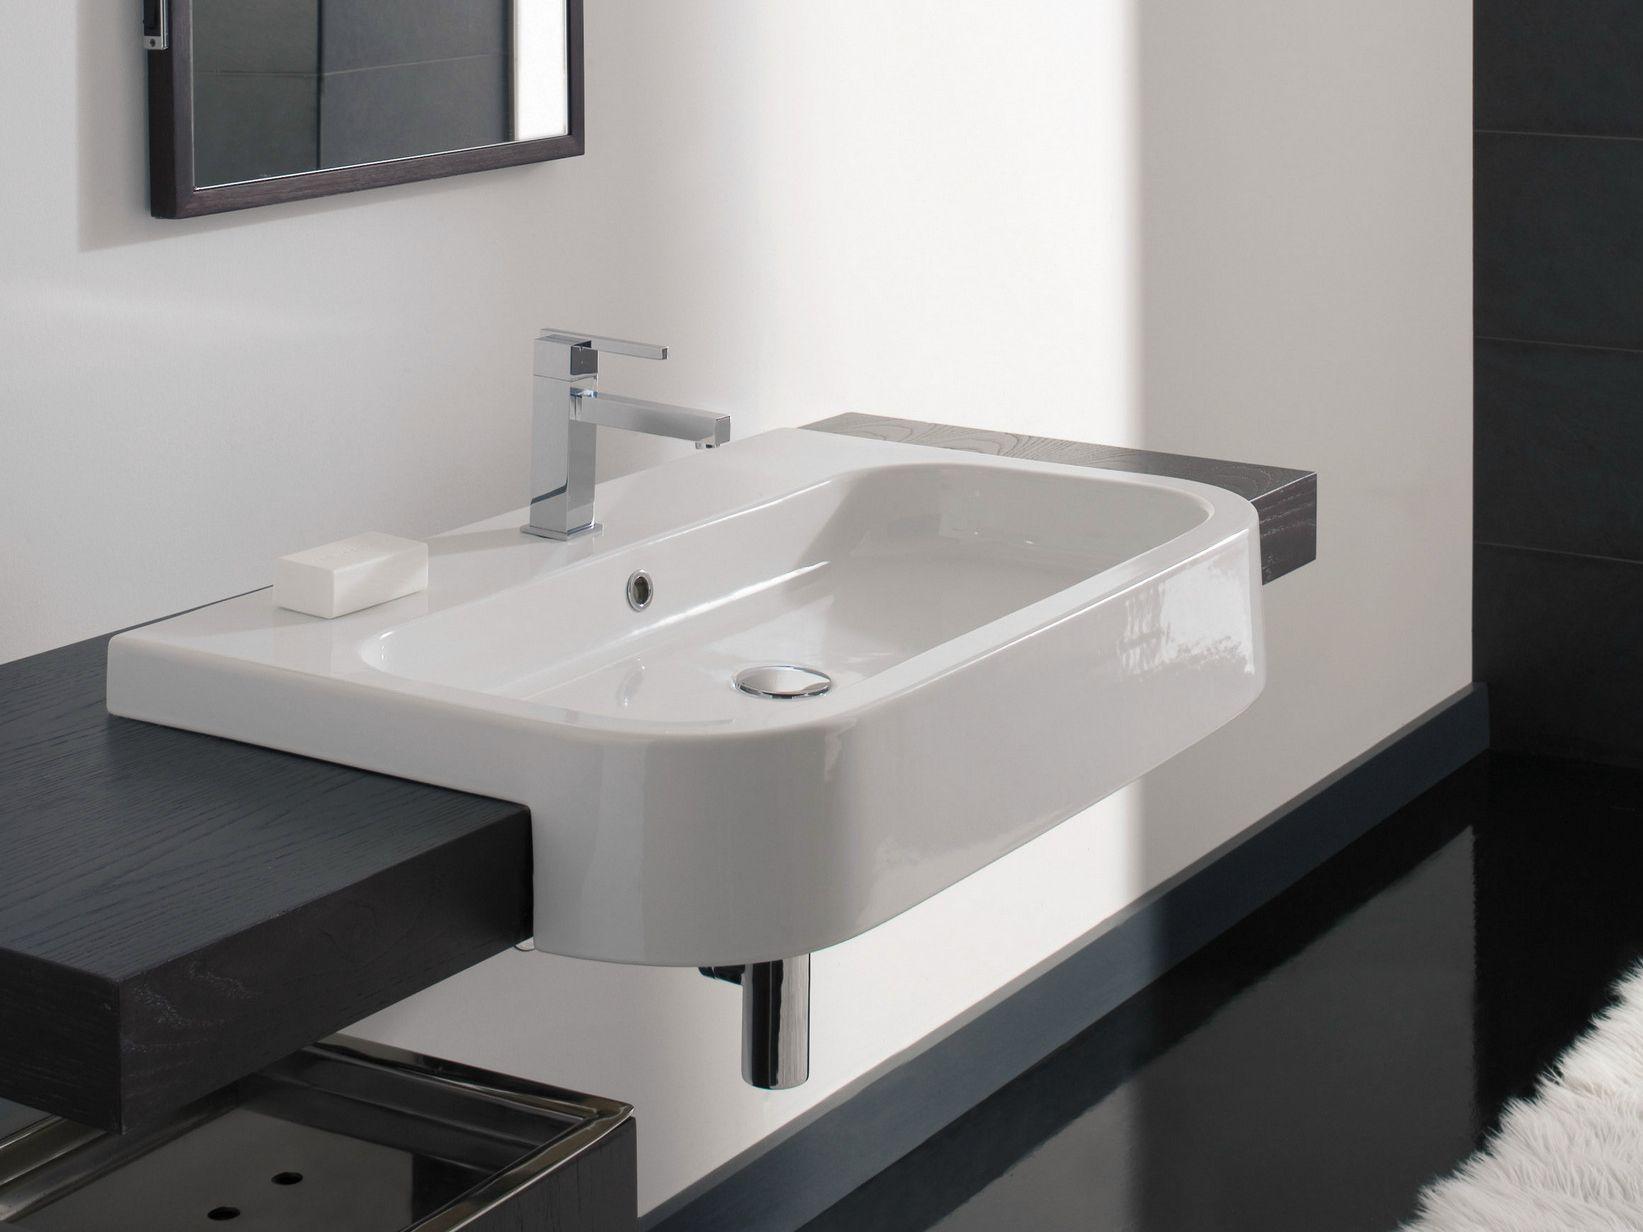 Carrelage Salle De Bain Giovanni ~ lavabo semi encastr rectangulaire en c ramique next 80d by scarabeo